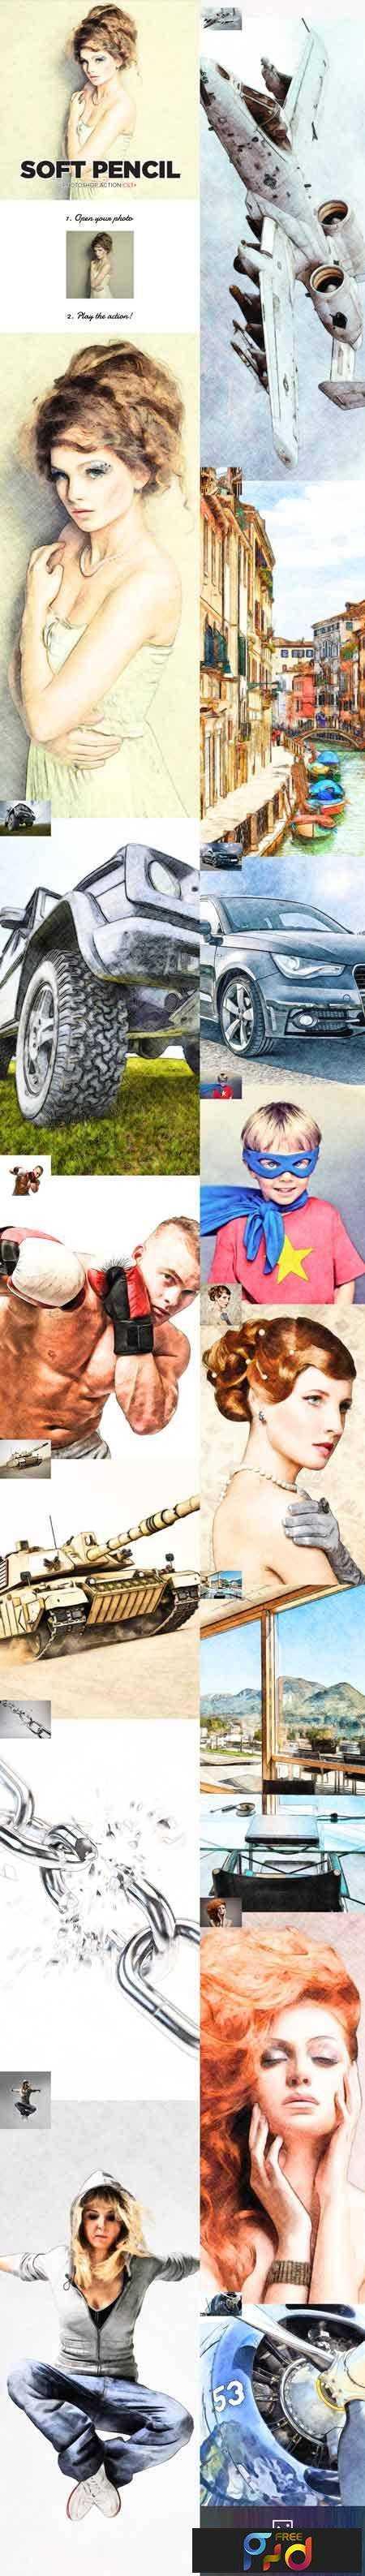 freepsdvn-com_1469642102_soft-pencil-sketch-photoshop-action-cs3-17088689